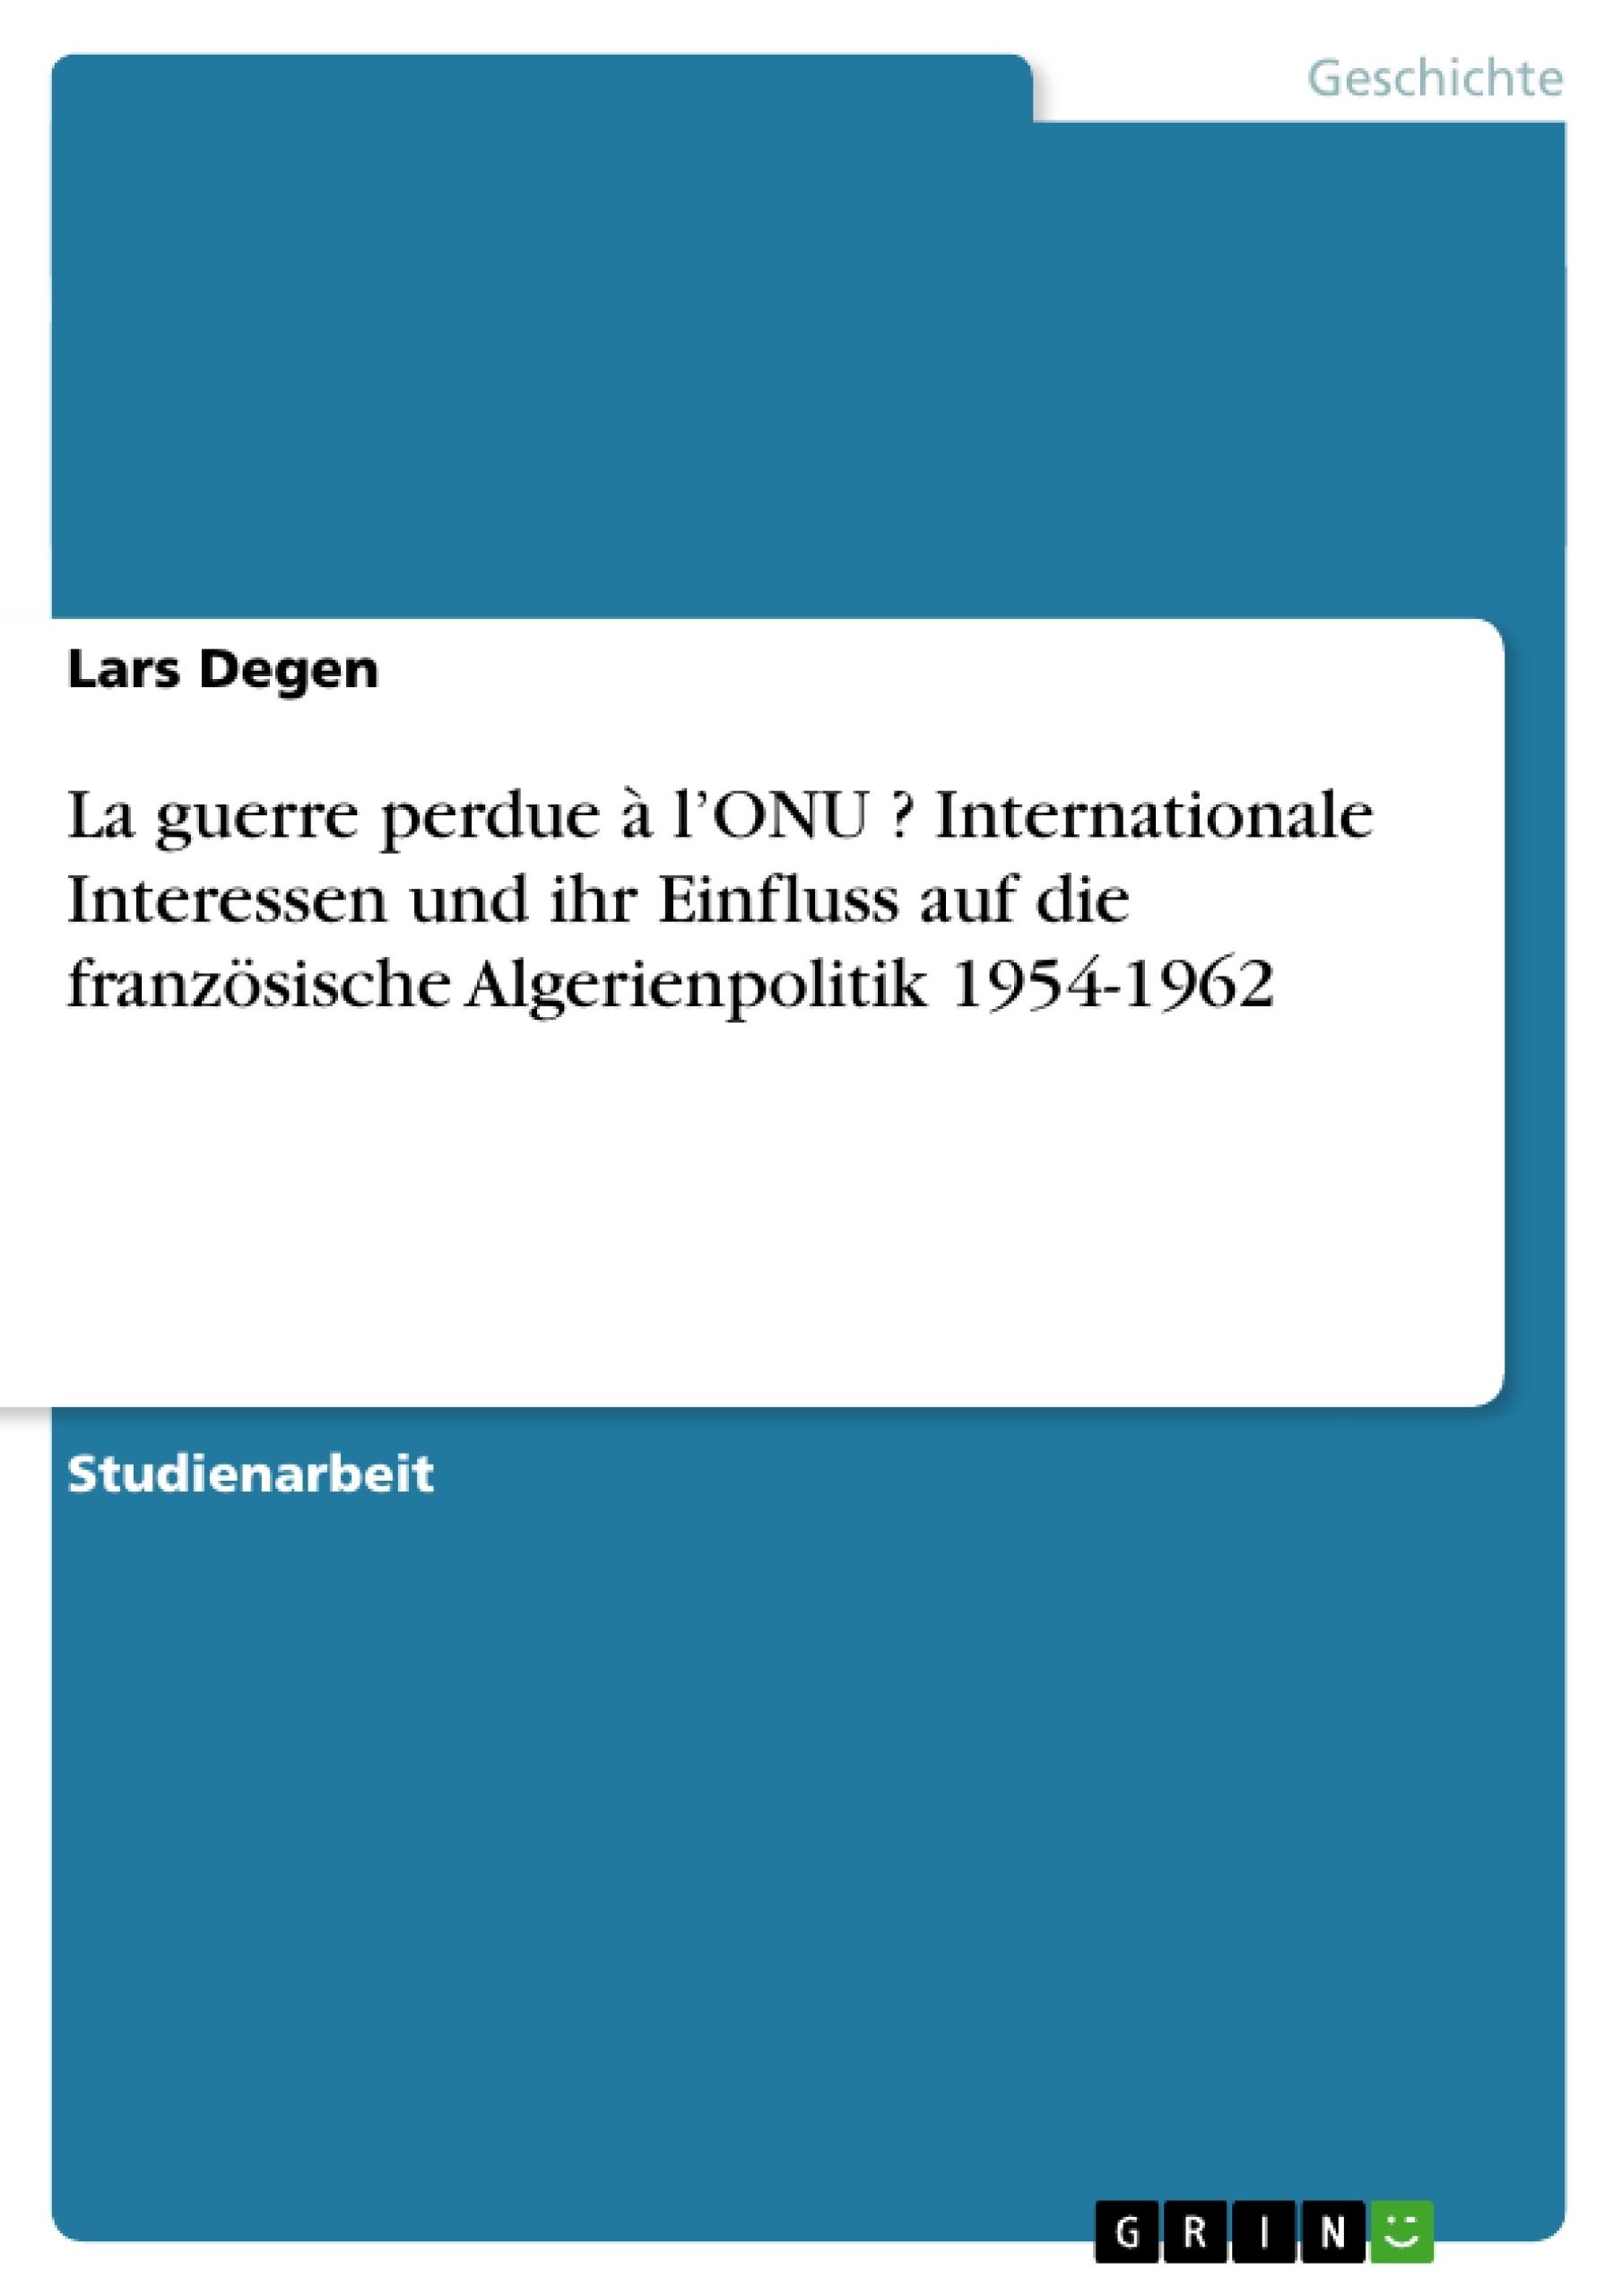 Titel: La guerre perdue à l'ONU ?  Internationale Interessen und ihr Einfluss auf die französische Algerienpolitik 1954-1962